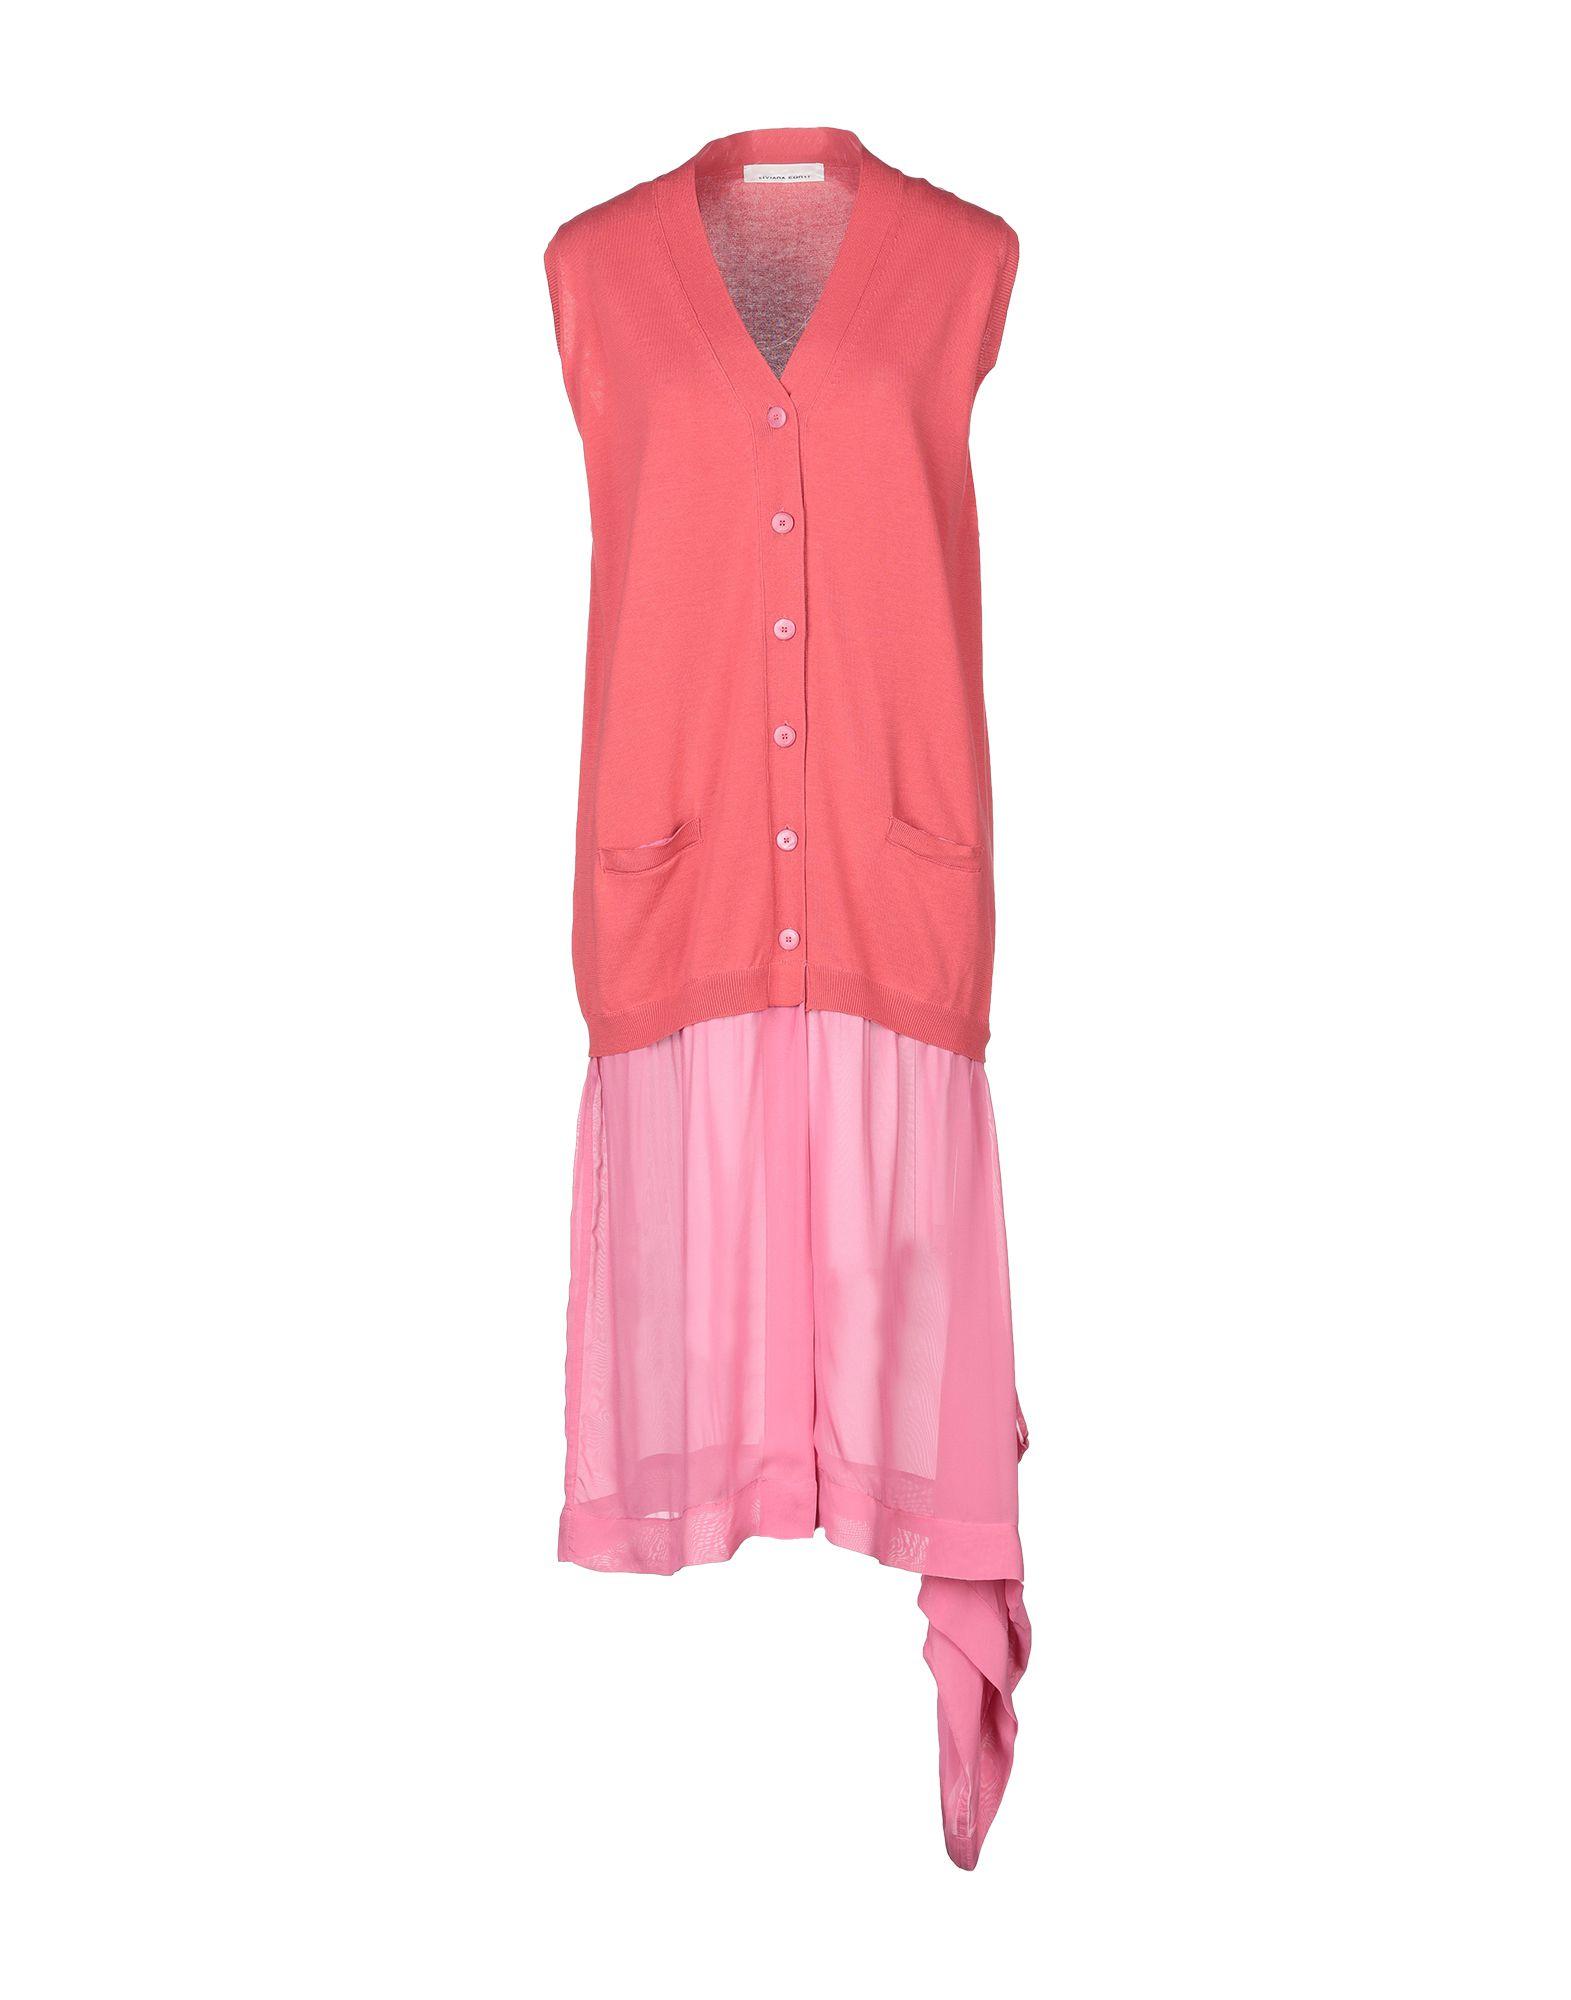 LIVIANA CONTI Cardigans - Item 14040103